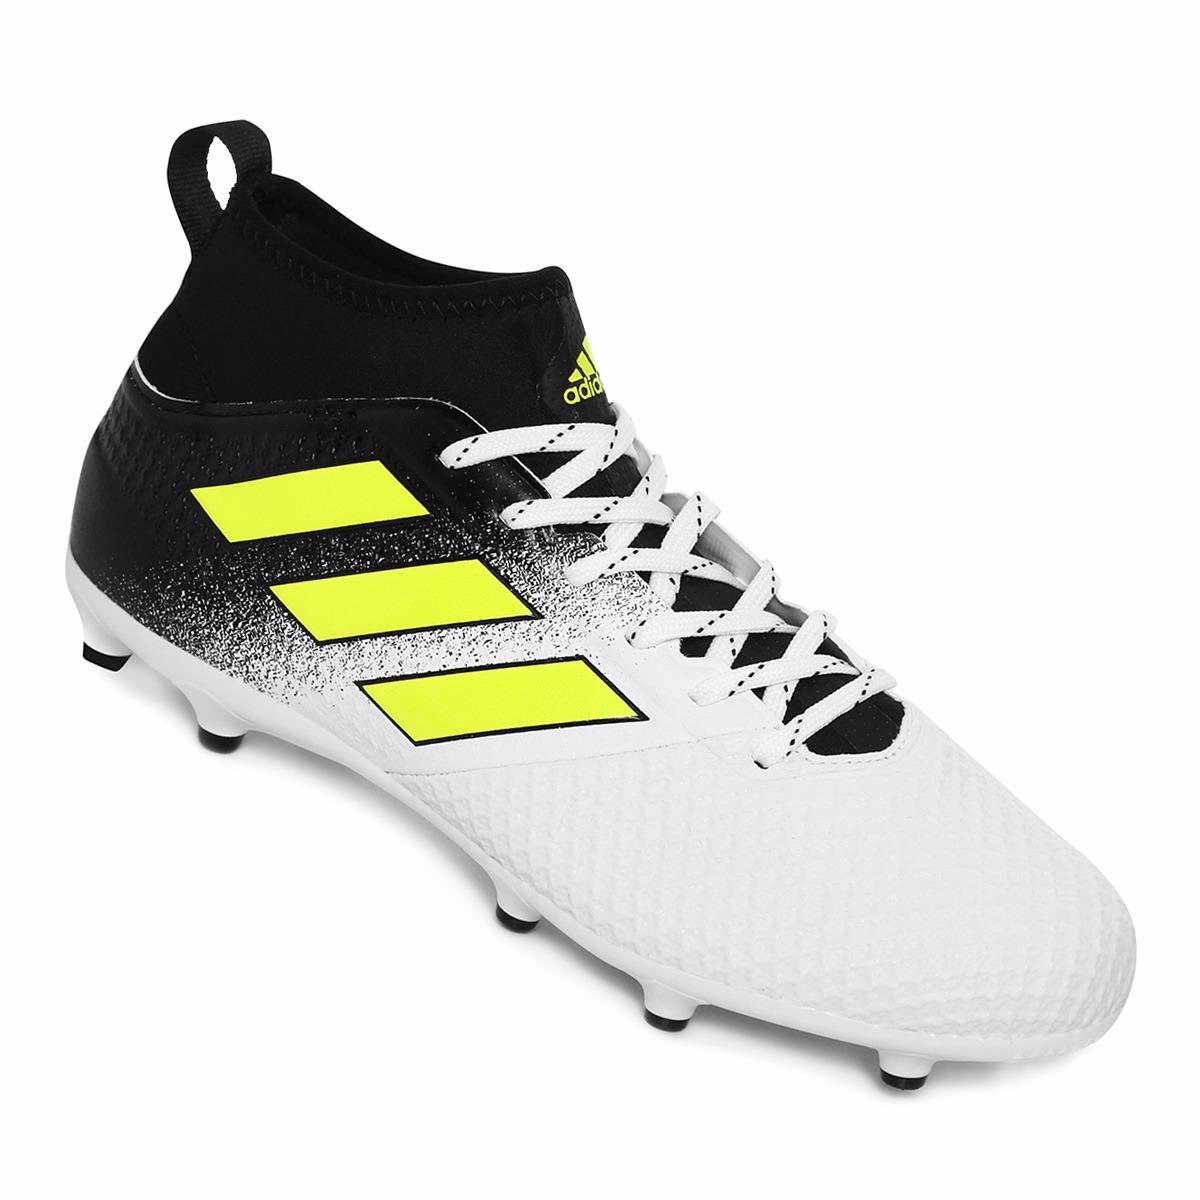 Fg Nuevos 17 Ace Zapato Originales Futbol Adidas 3 QhCtrxBsd